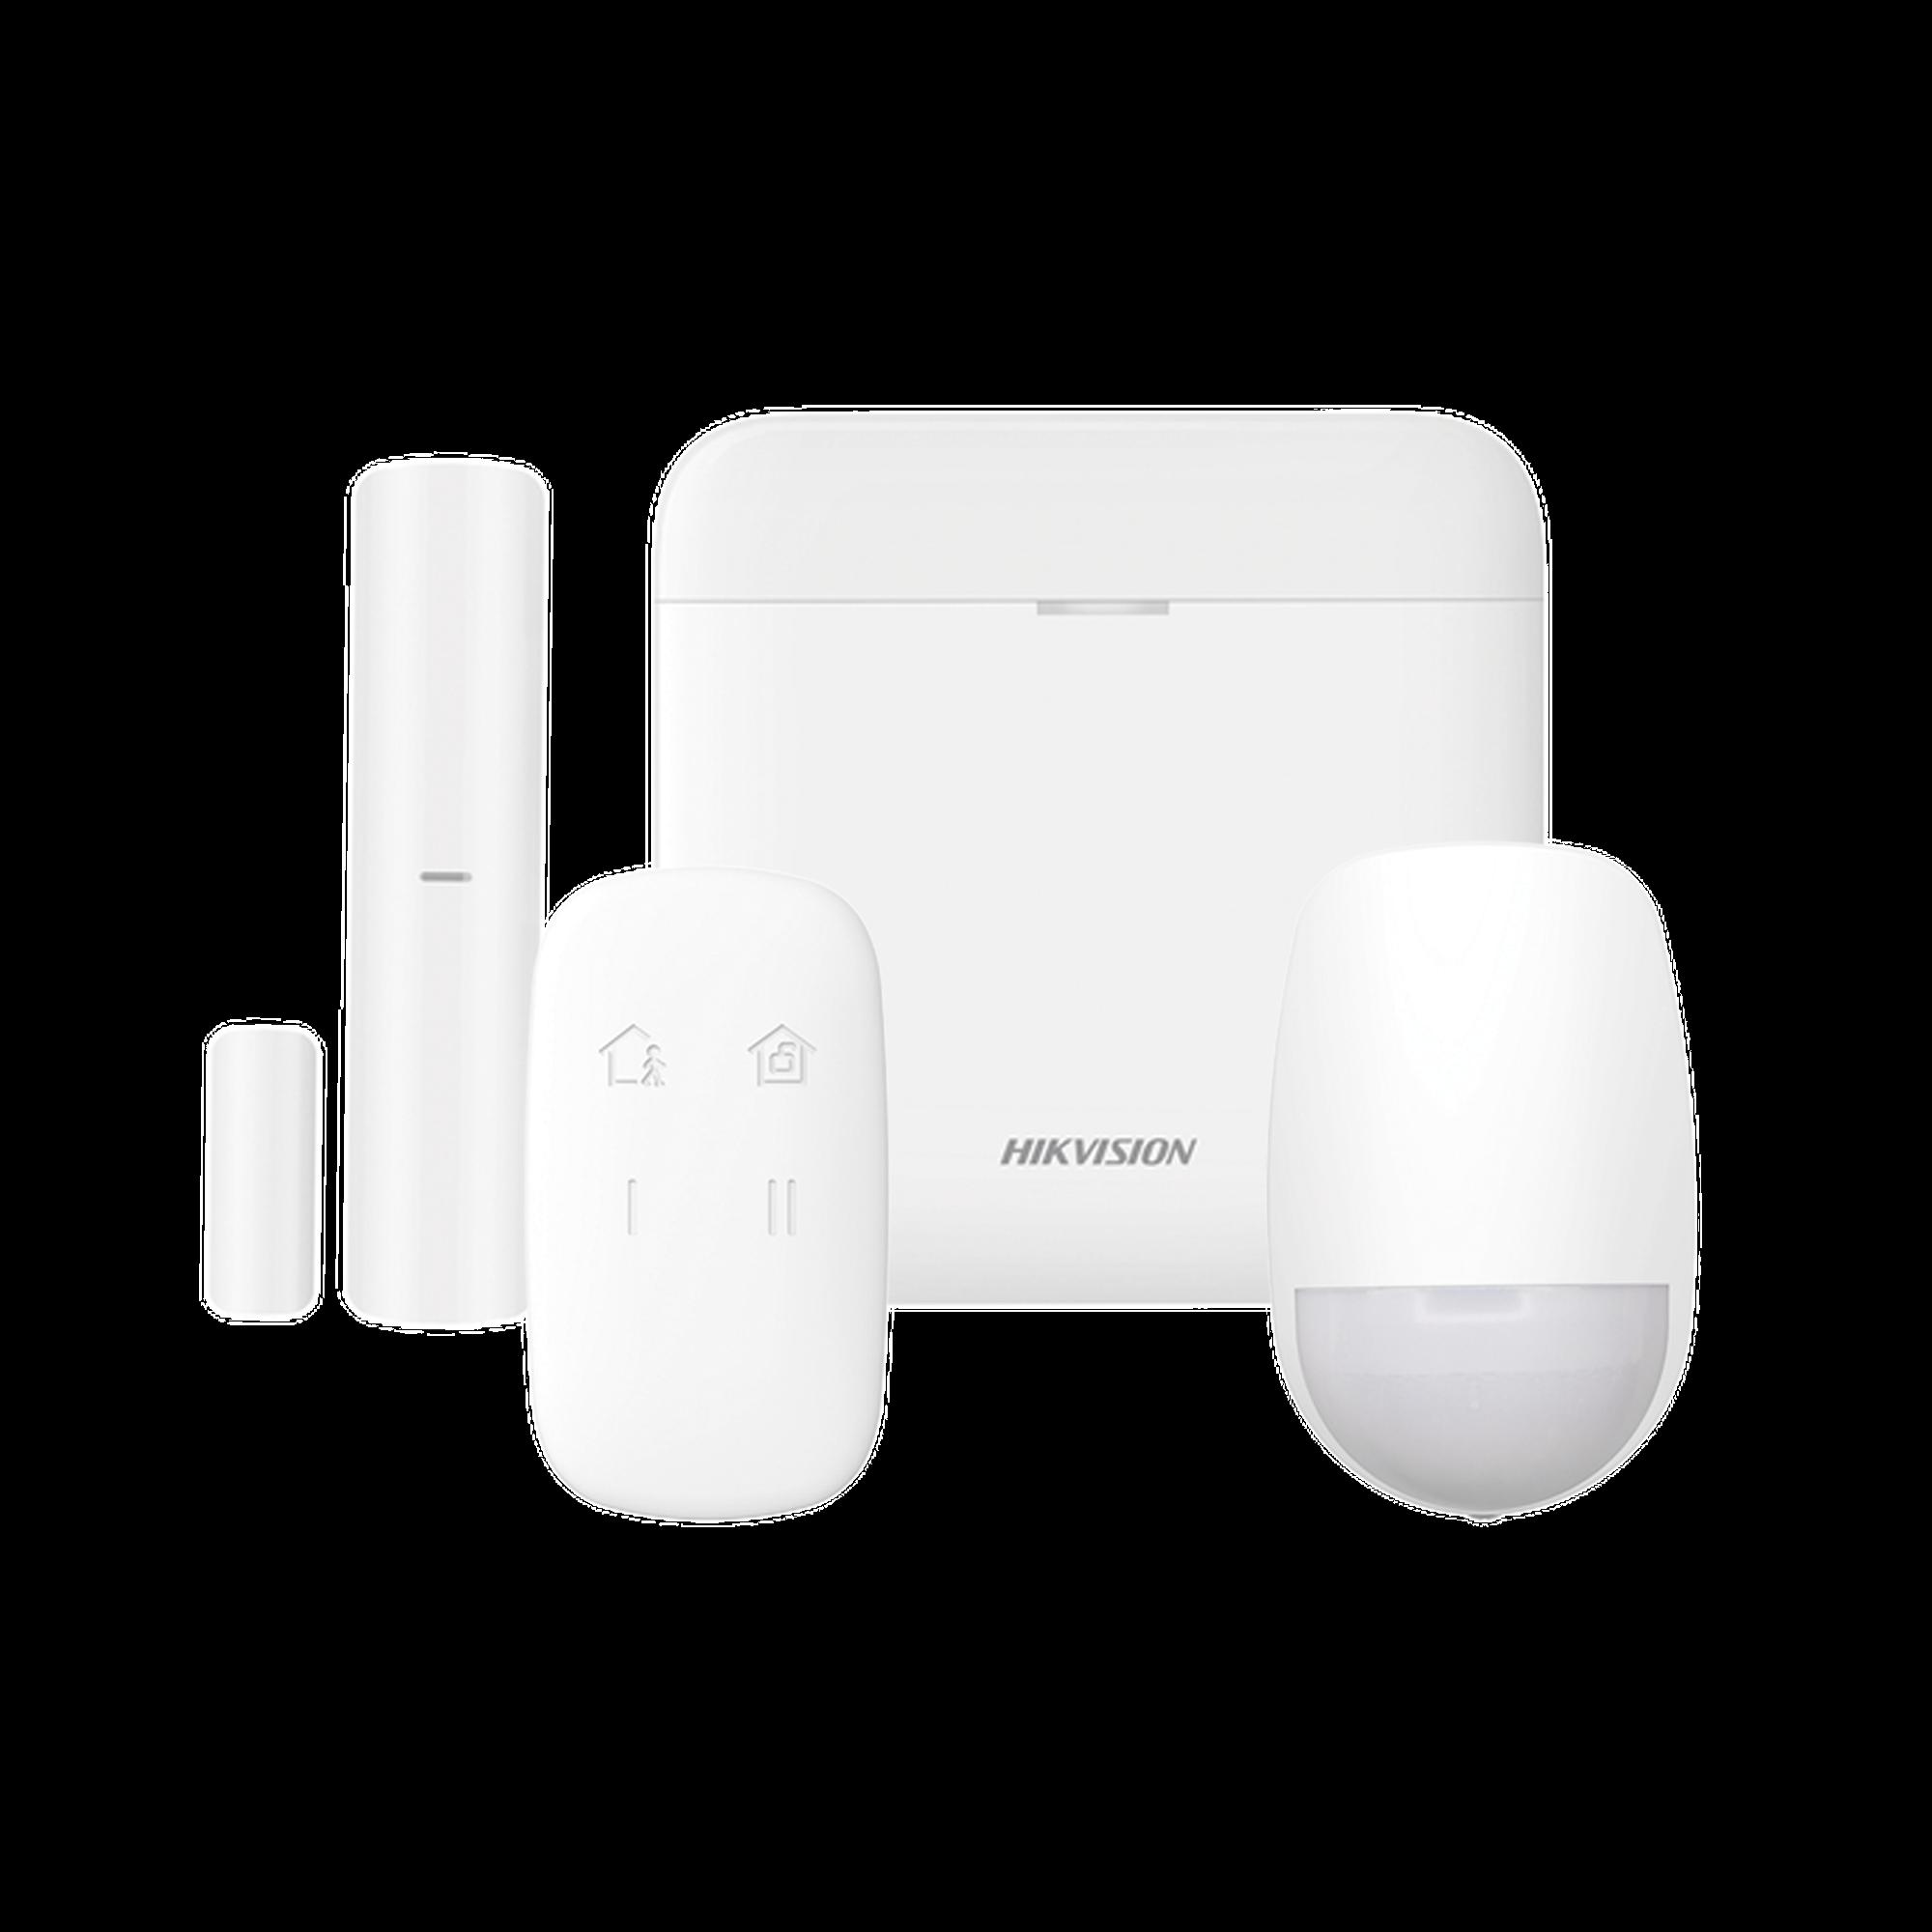 (AX PRO) KIT de Alarma AX PRO / Incluye: 1 Hub / 1 Sensor PIR / 1 Contacto Magnético / 1 Control Remoto / WiFi / Compatible con Hik-Connect P2P